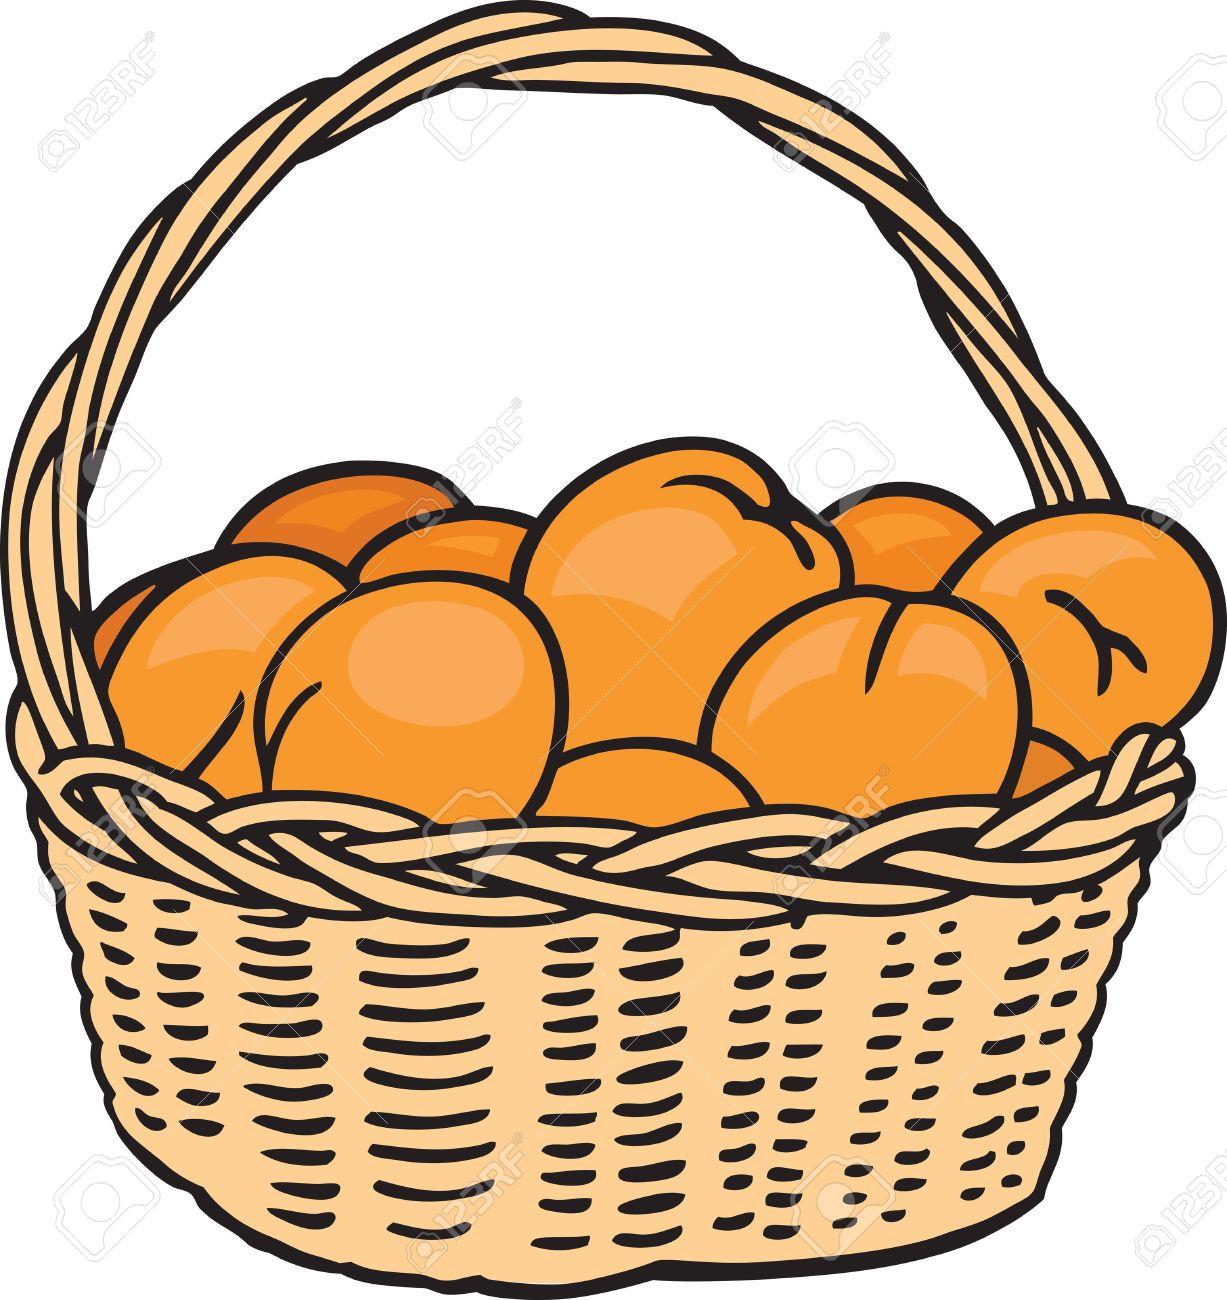 Panier D'oranges Clip Art Libres De Droits , Vecteurs Et.